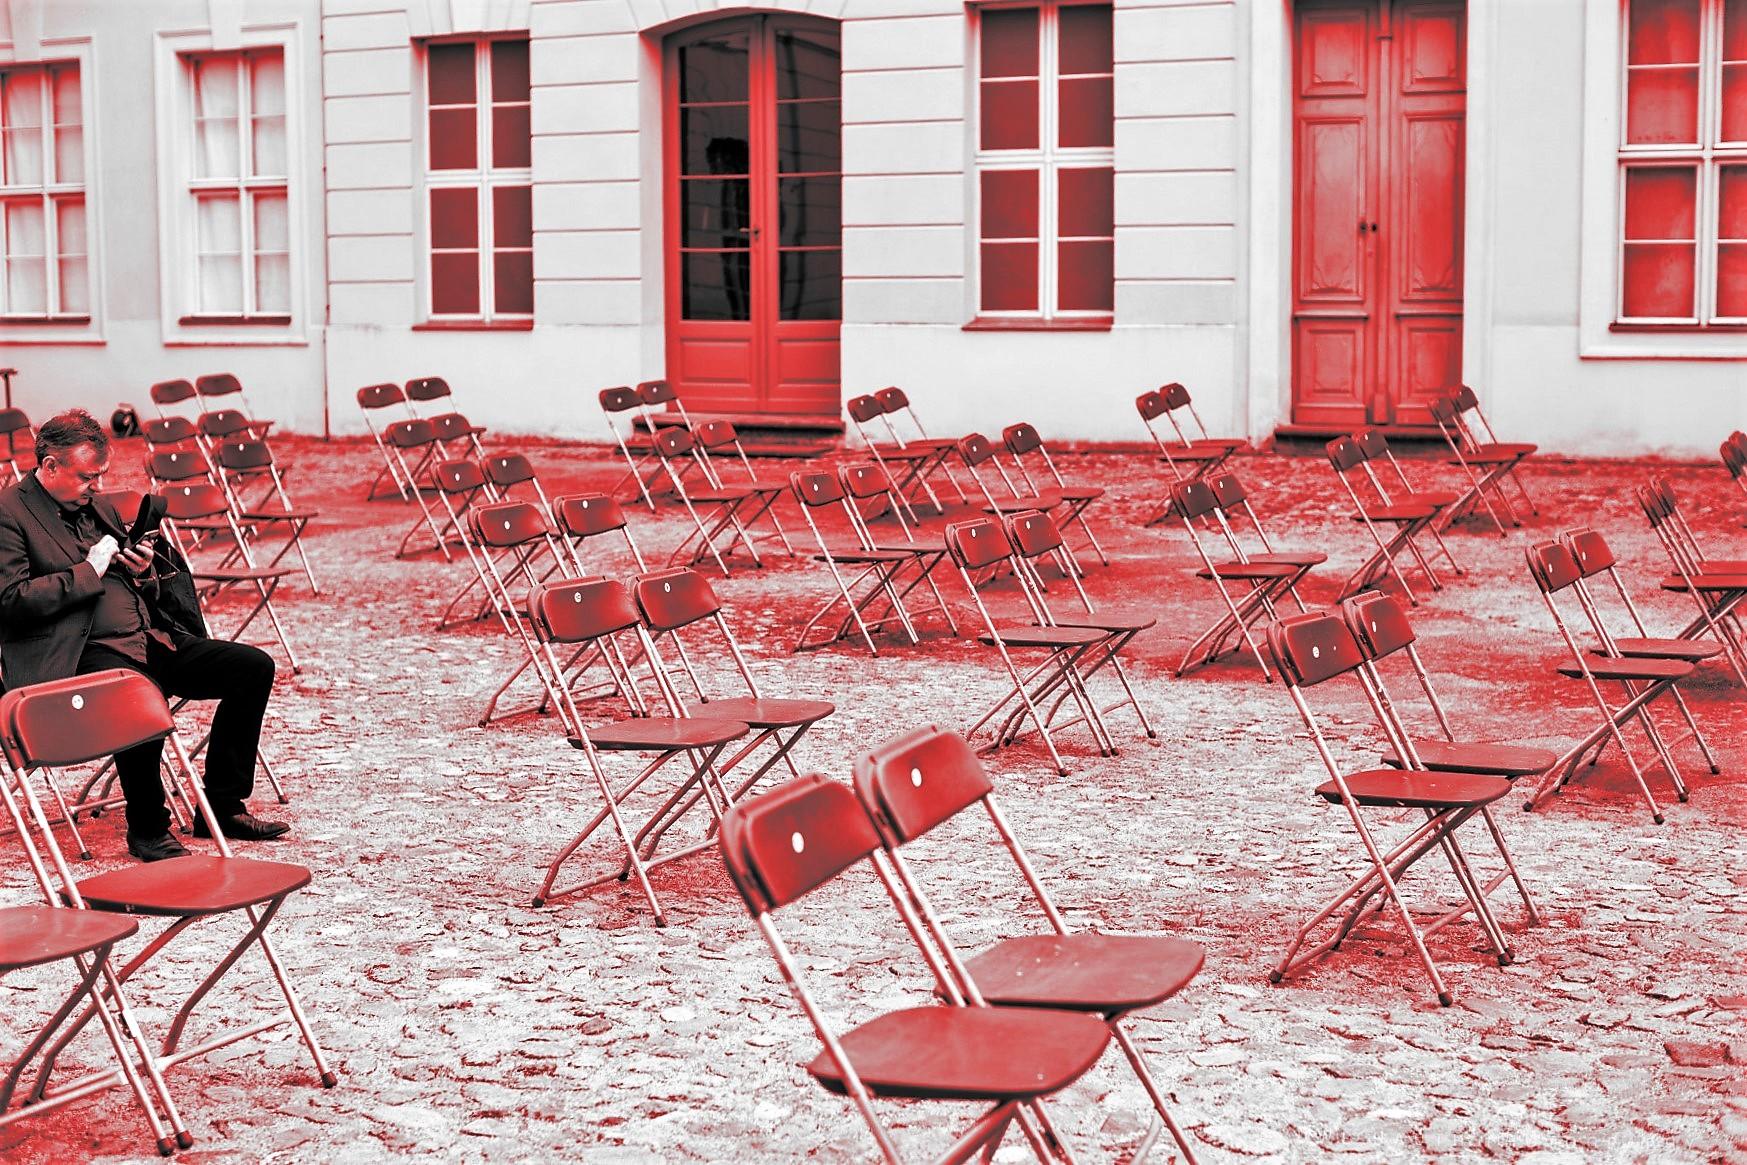 Leere Stuhlreihen im Schlosshof Rheinsberg